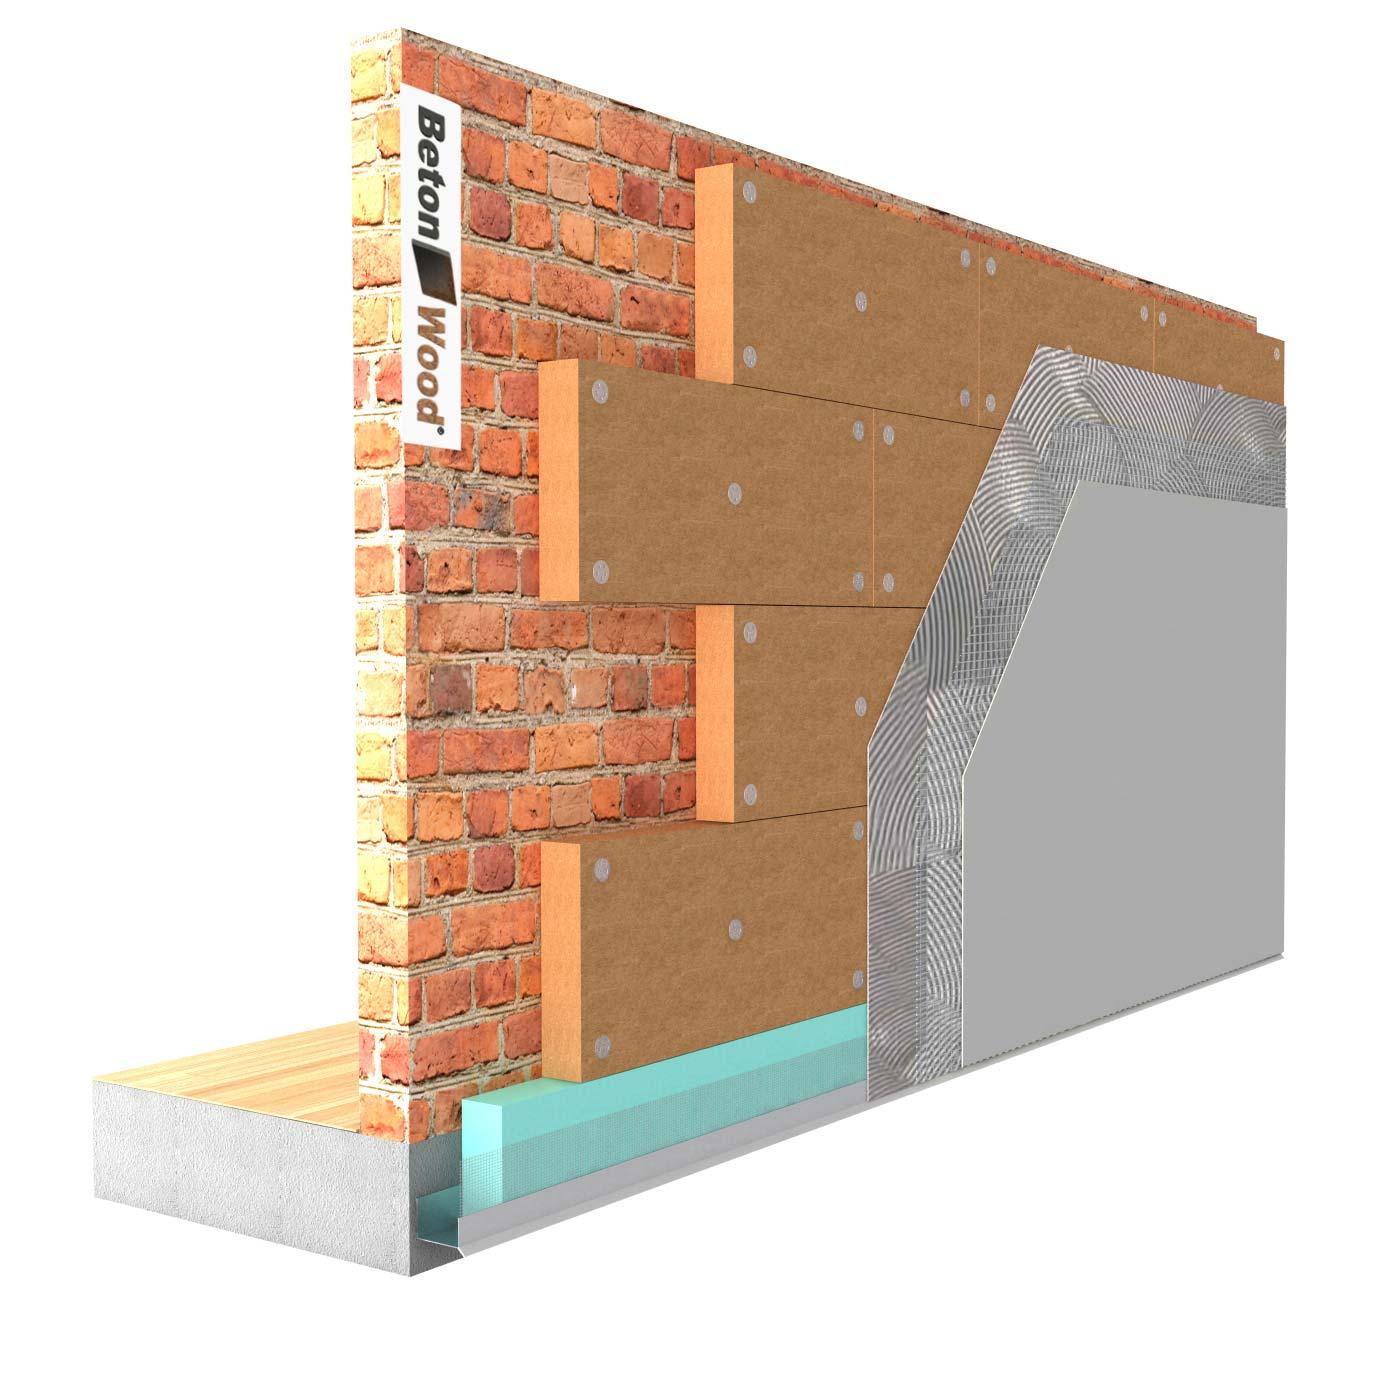 Fibra legno per cappotto termico esterno - Cappotto termico esterno prezzi ...